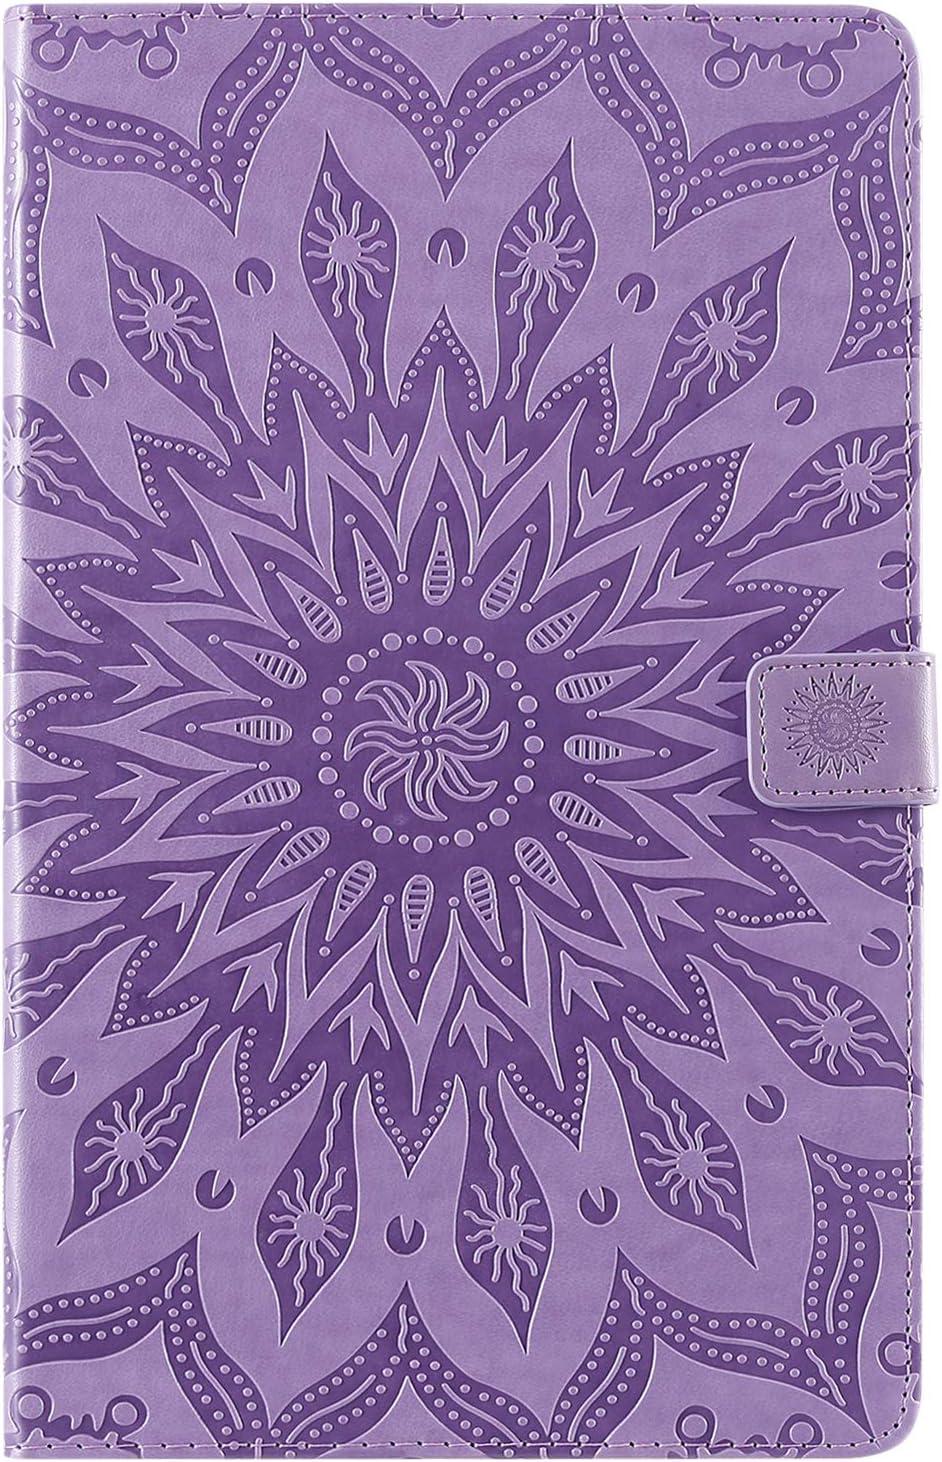 Artfeel Coque pour Samsung Galaxy Tab A 10.1 Pouce 2019 T510,Tournesol en Relief Slim Cuir Portefeuille Support /à Rabat /Étui avec Porte-Carte Fermeture Magn/étique Housse,Fleur Violet